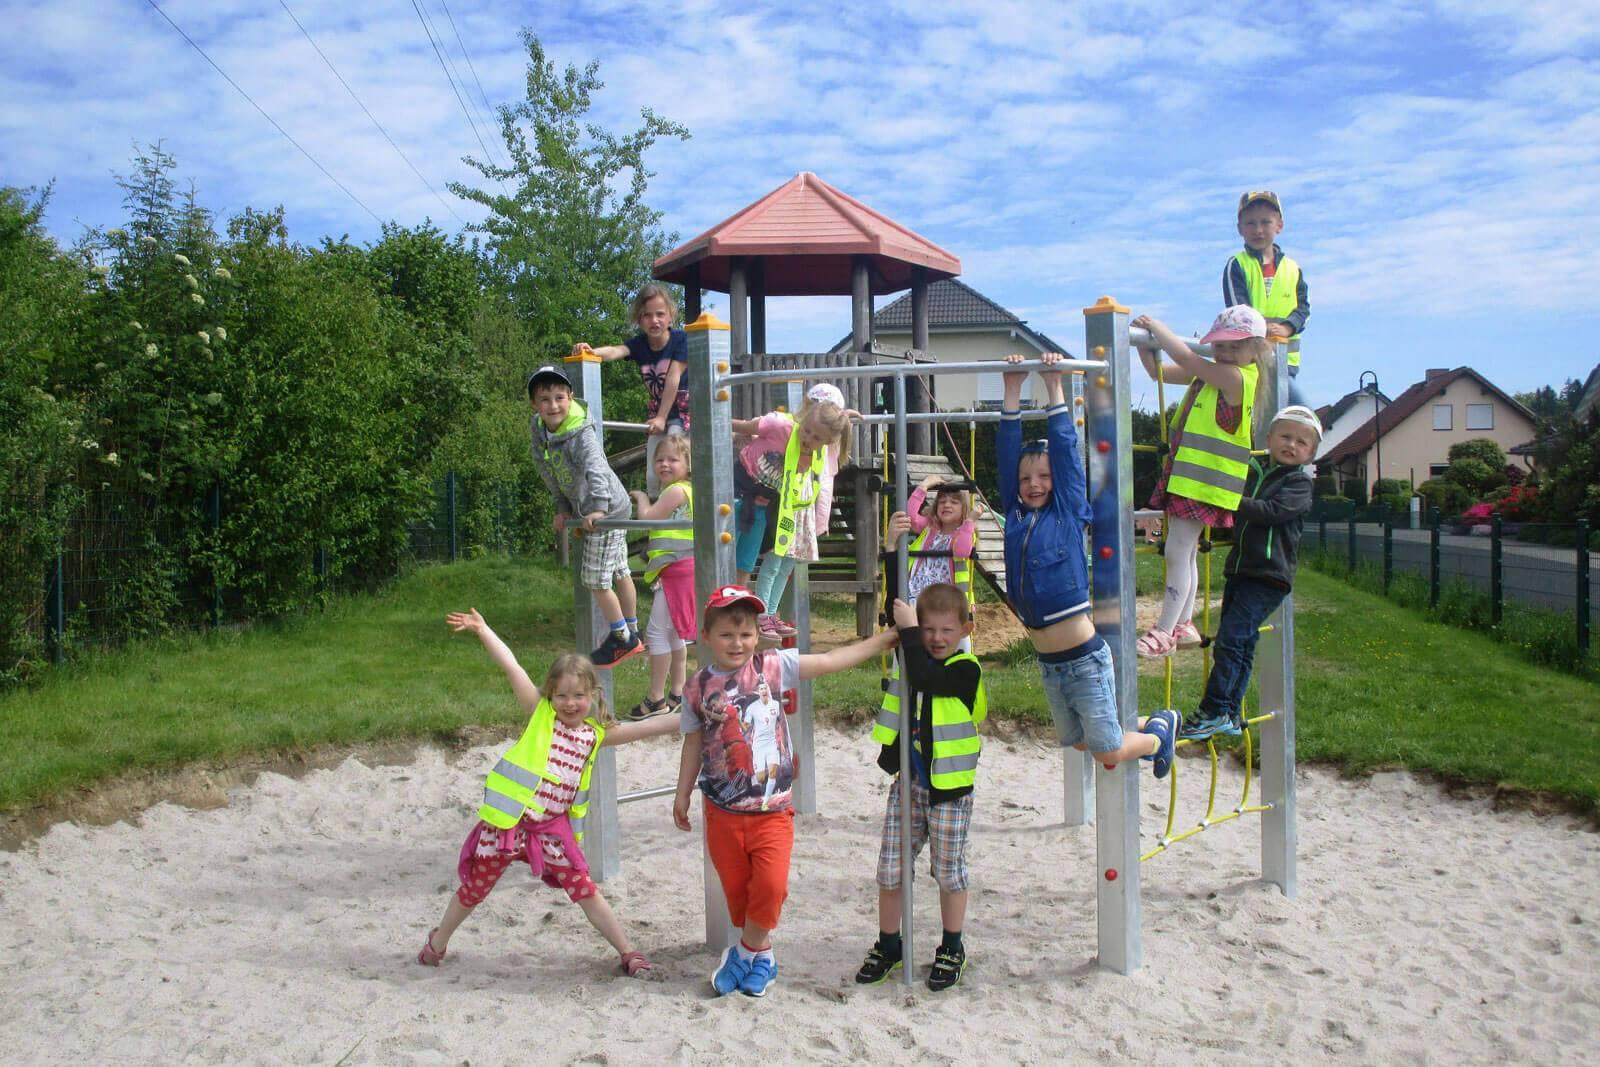 Klettergerüst Für Kleinkinder : Spende für ein klettergerüst durch beyer mietservice